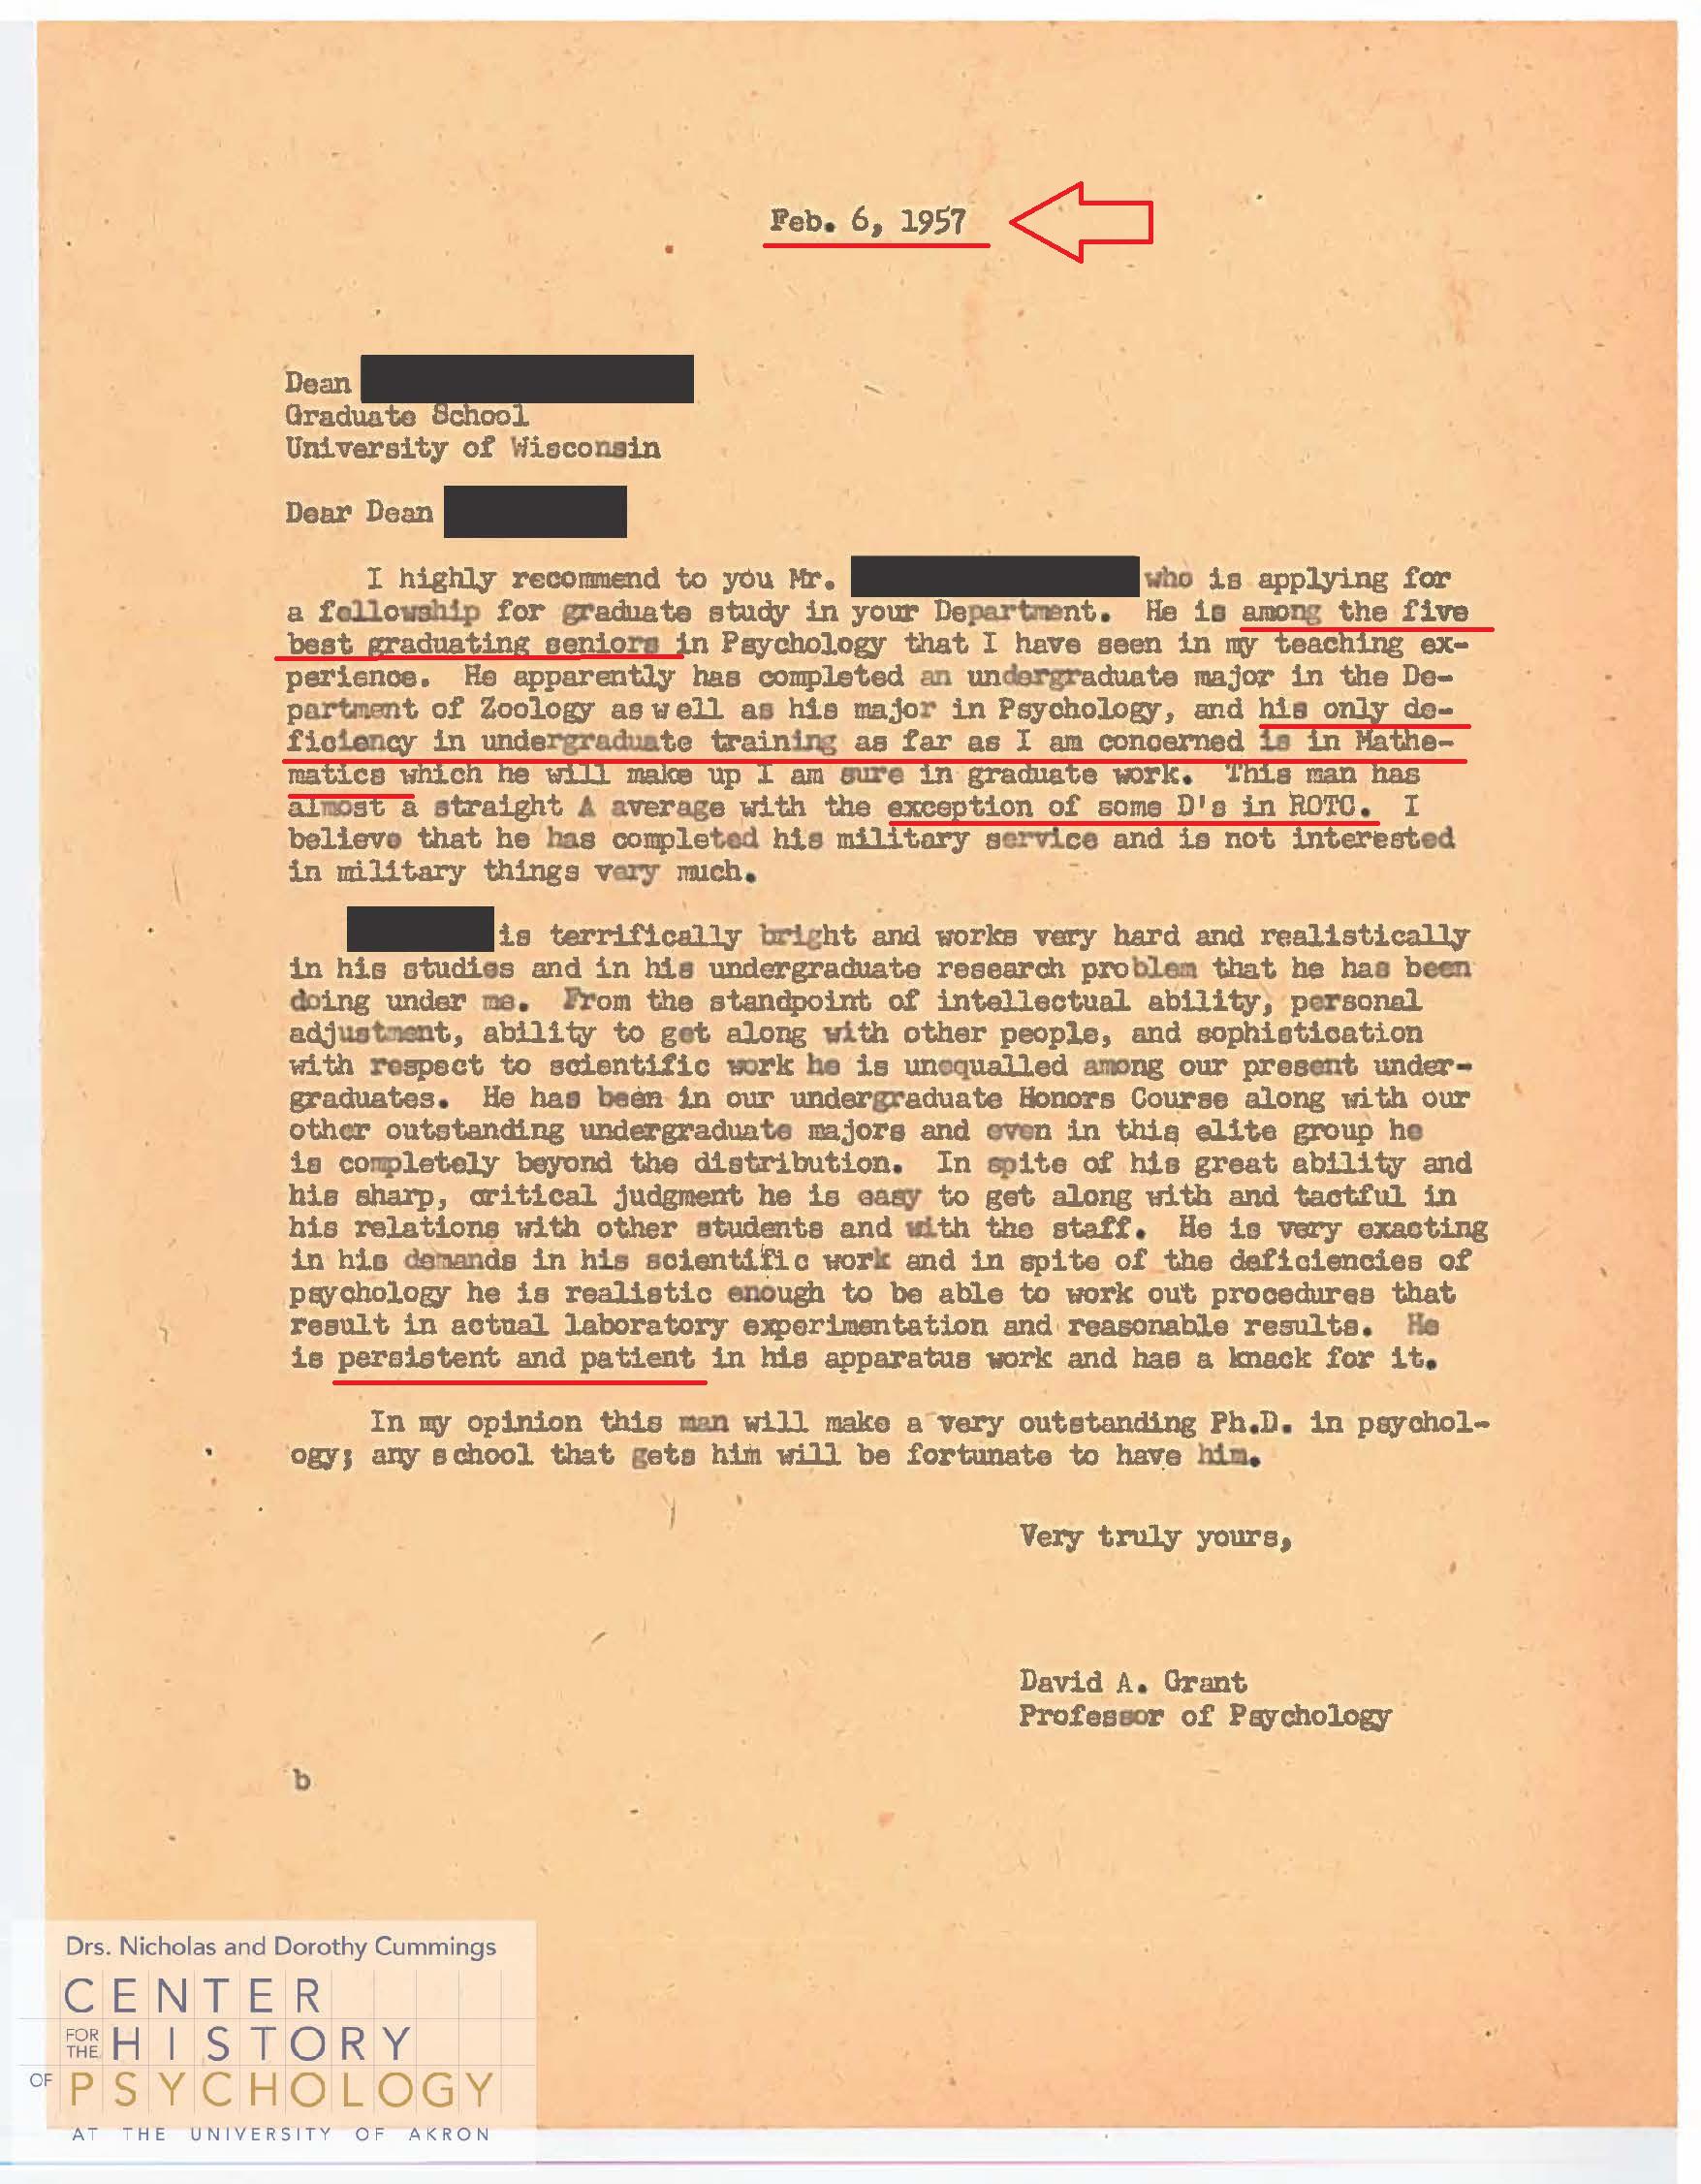 DavidGrantPapers_M1024_folderCorr1957I_1pg (man)_WM_Redacted_PRESENTATION